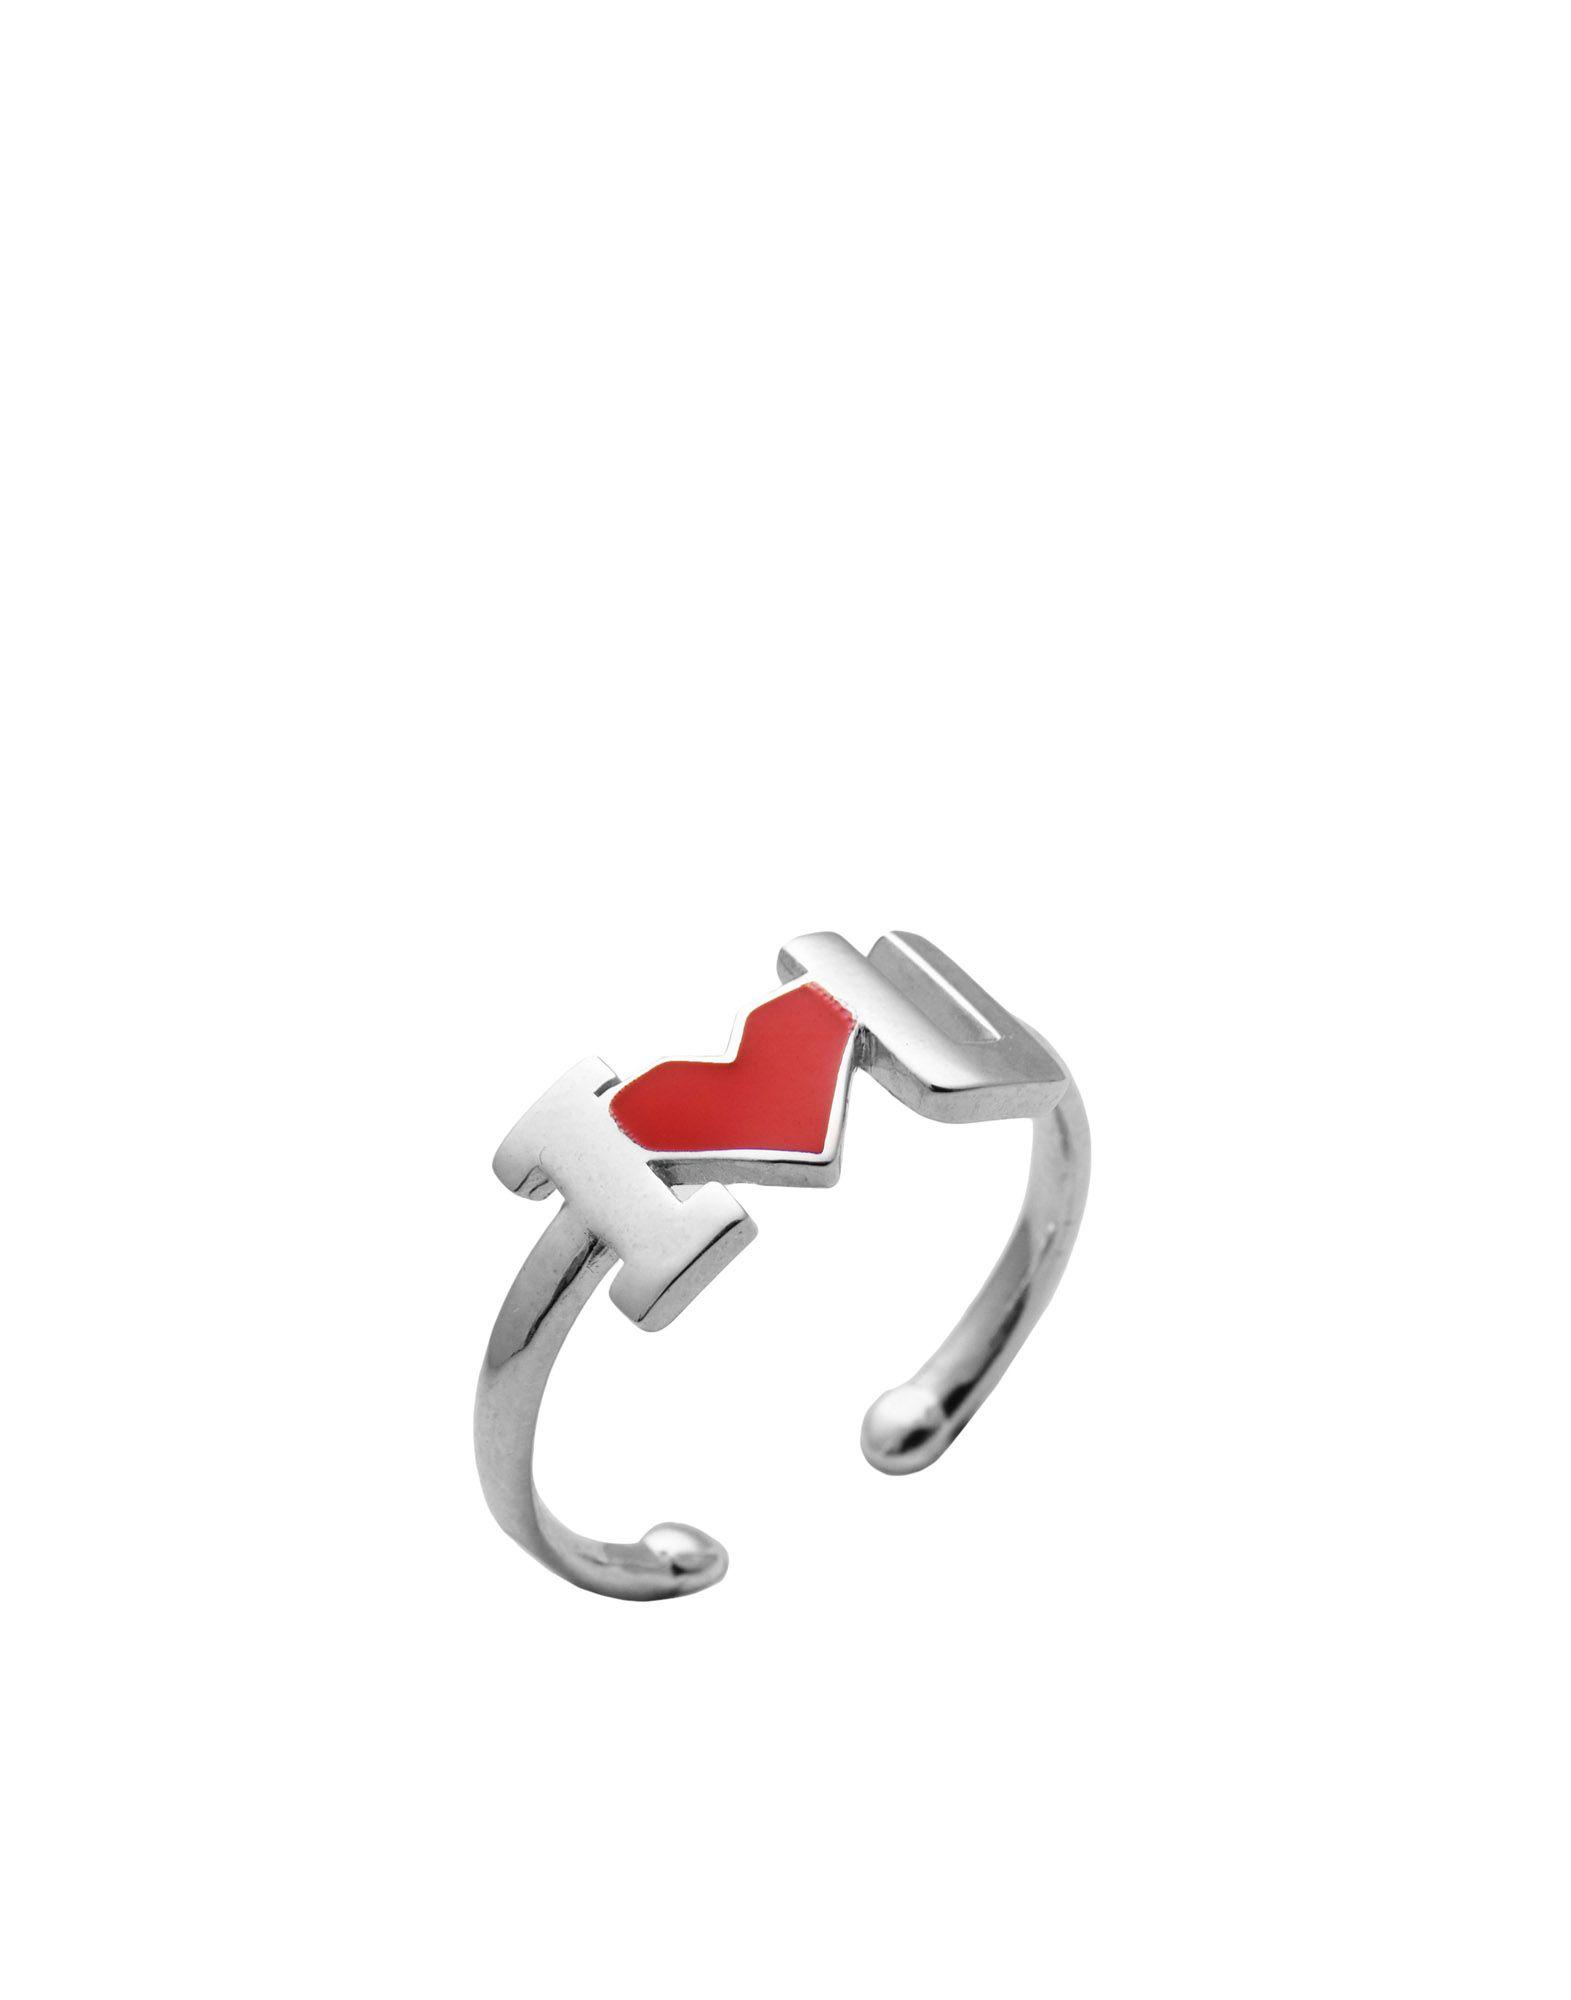 《セール開催中》FIRST PEOPLE FIRST レディース 指輪 シルバー one size シルバー925/1000 / エナメル I LOVE YOU